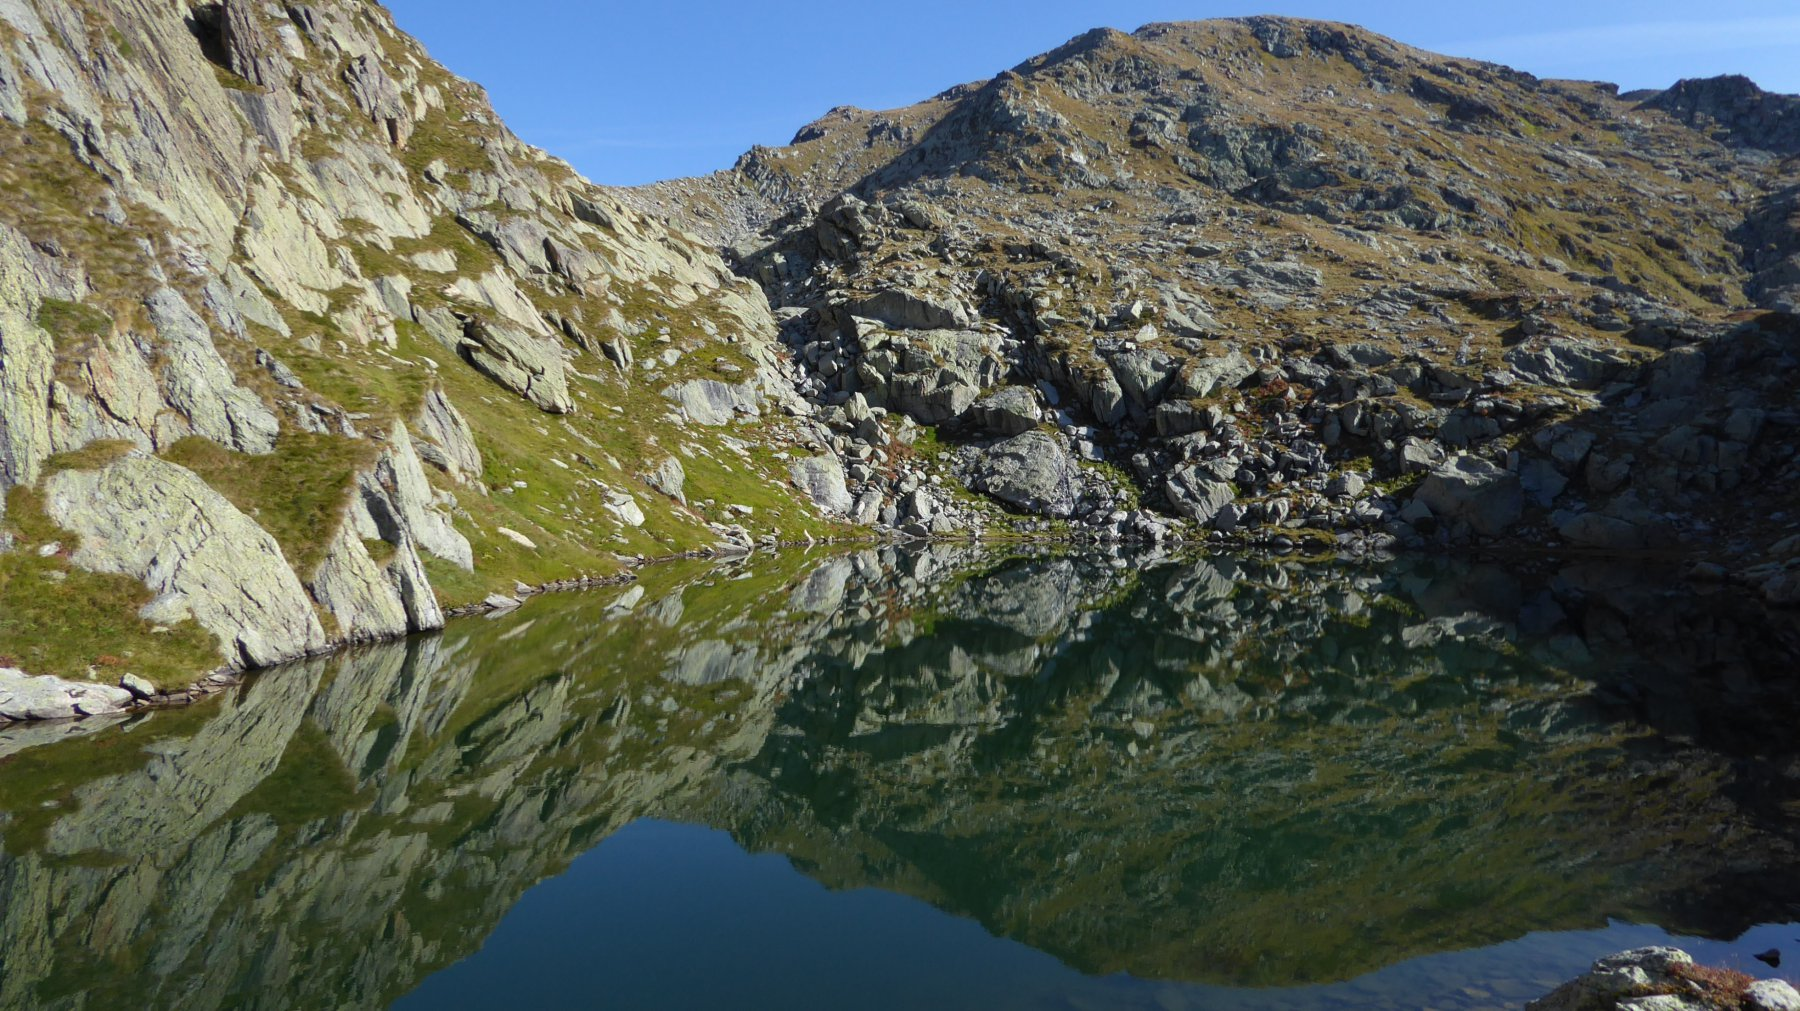 Lago superiore di Canaussa, Colle superiore di Canaussa e il Monte del Prà